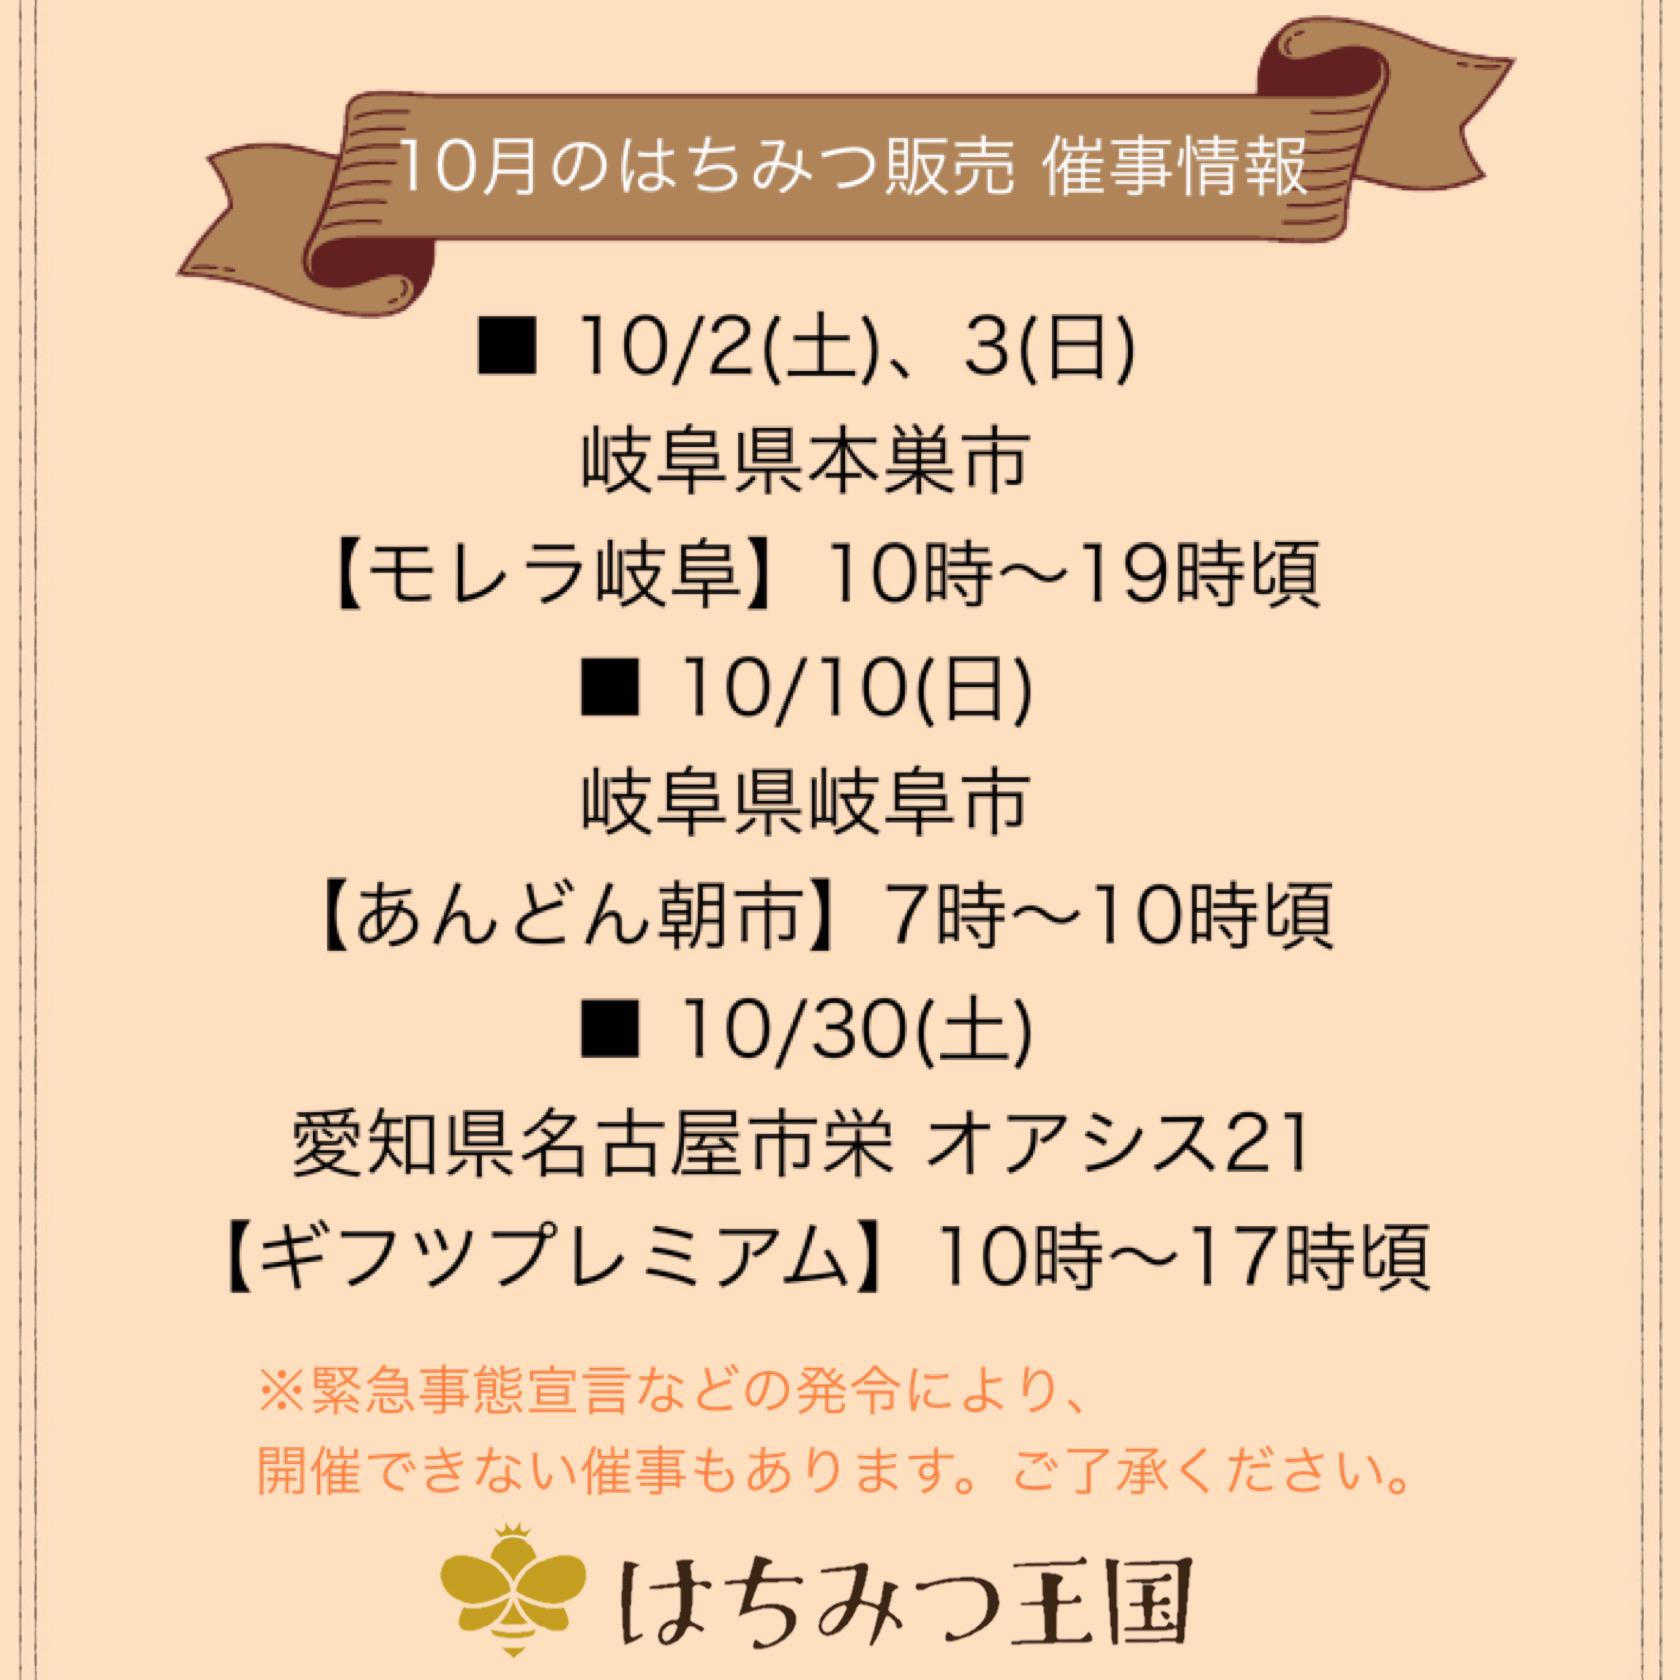 10月度の催事情報